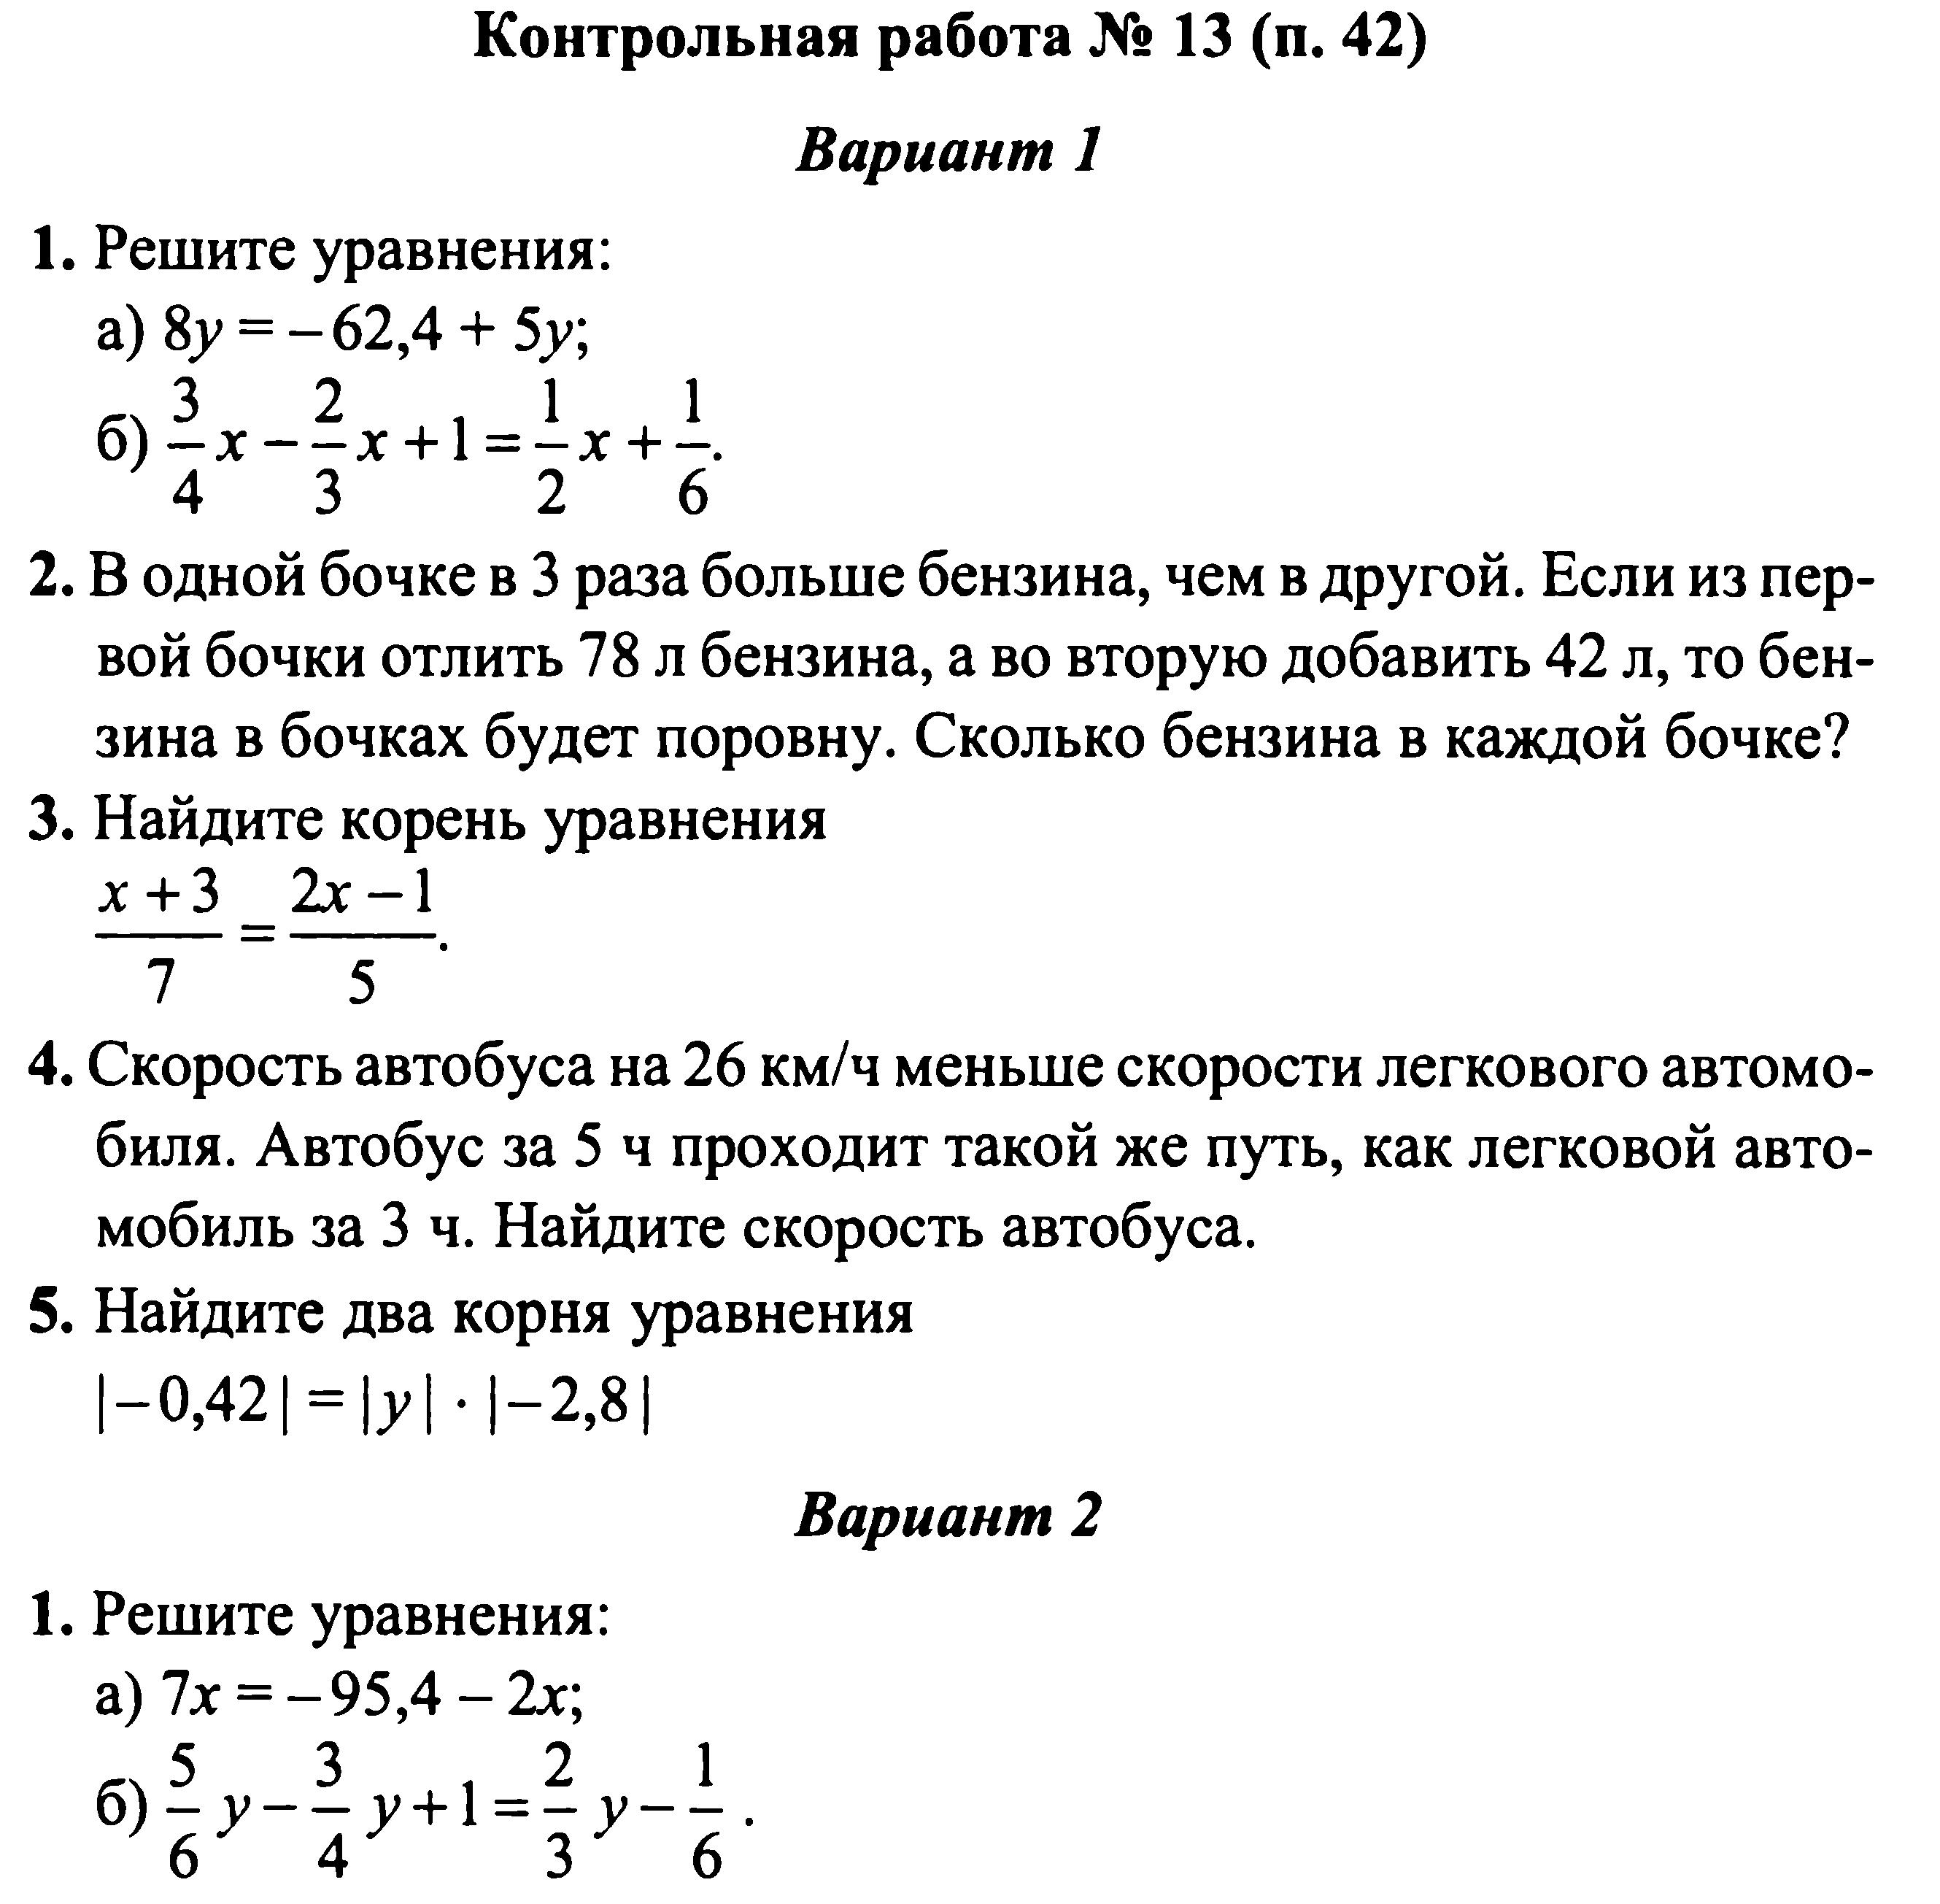 Класс по математике работ 6 уравнения контрольных решебник